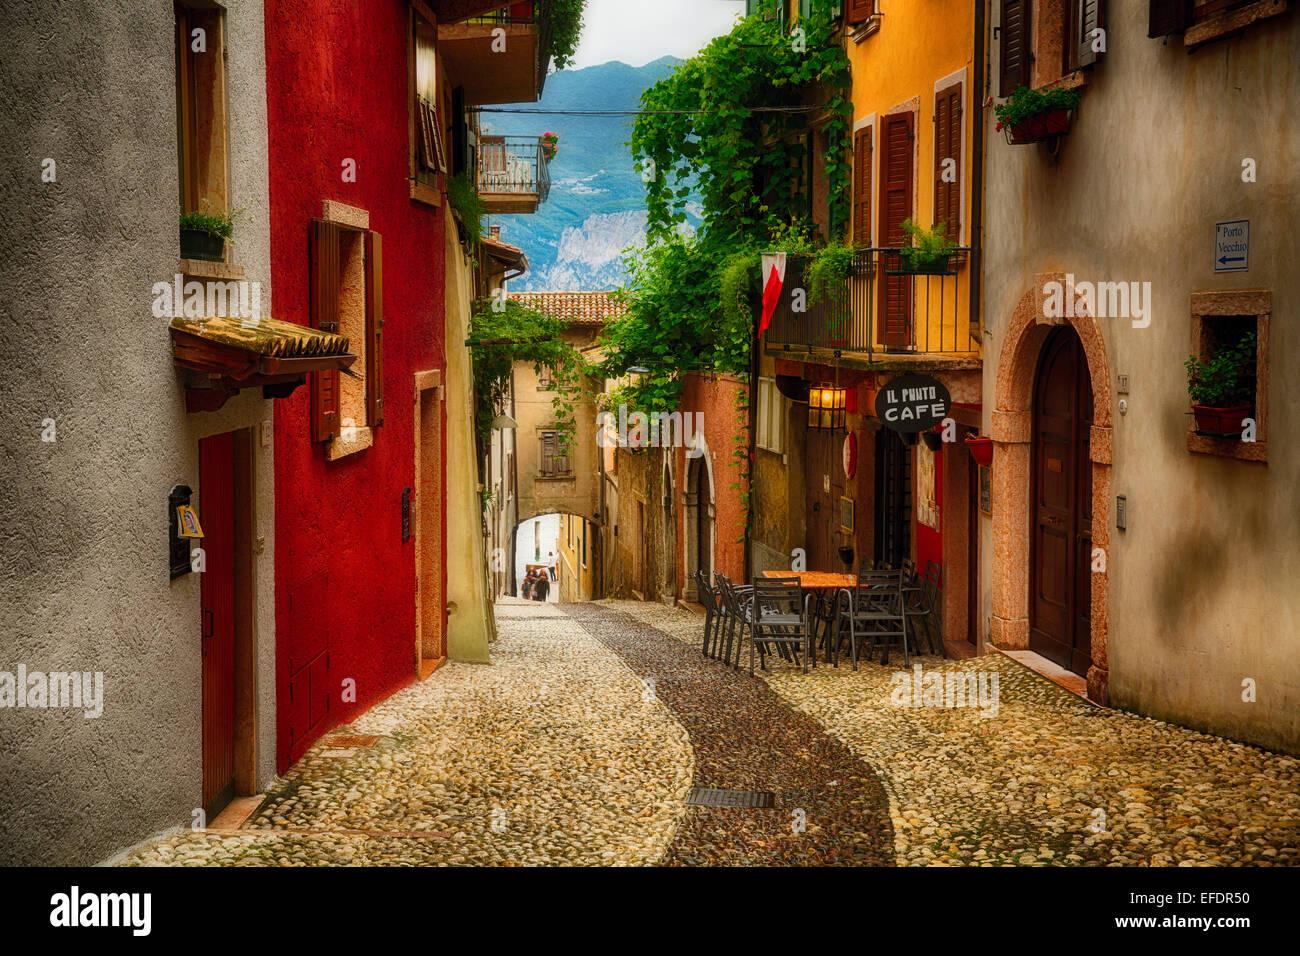 Bunte Straße in Malcesine, Gardasee, Lombardei, Italien Stockbild